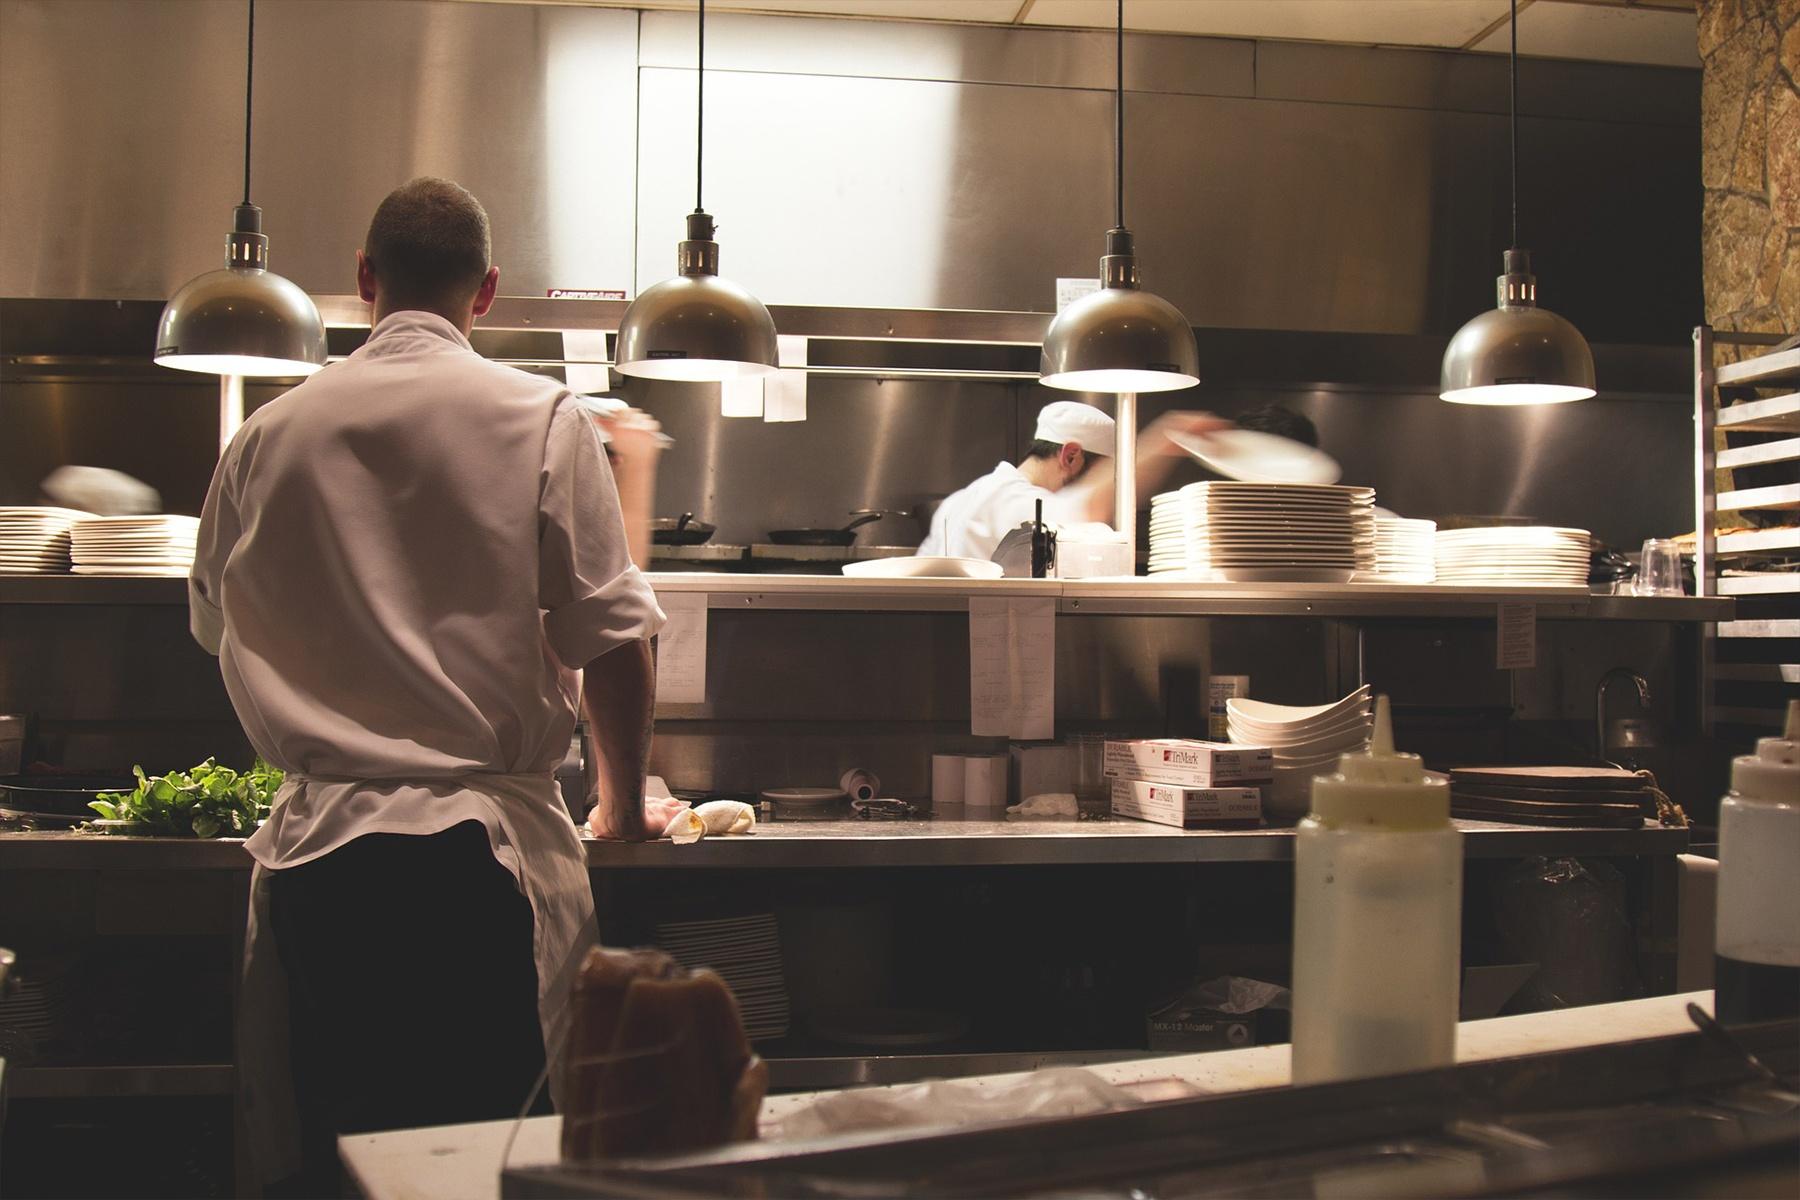 Essential Restaurant Kitchen Equipment